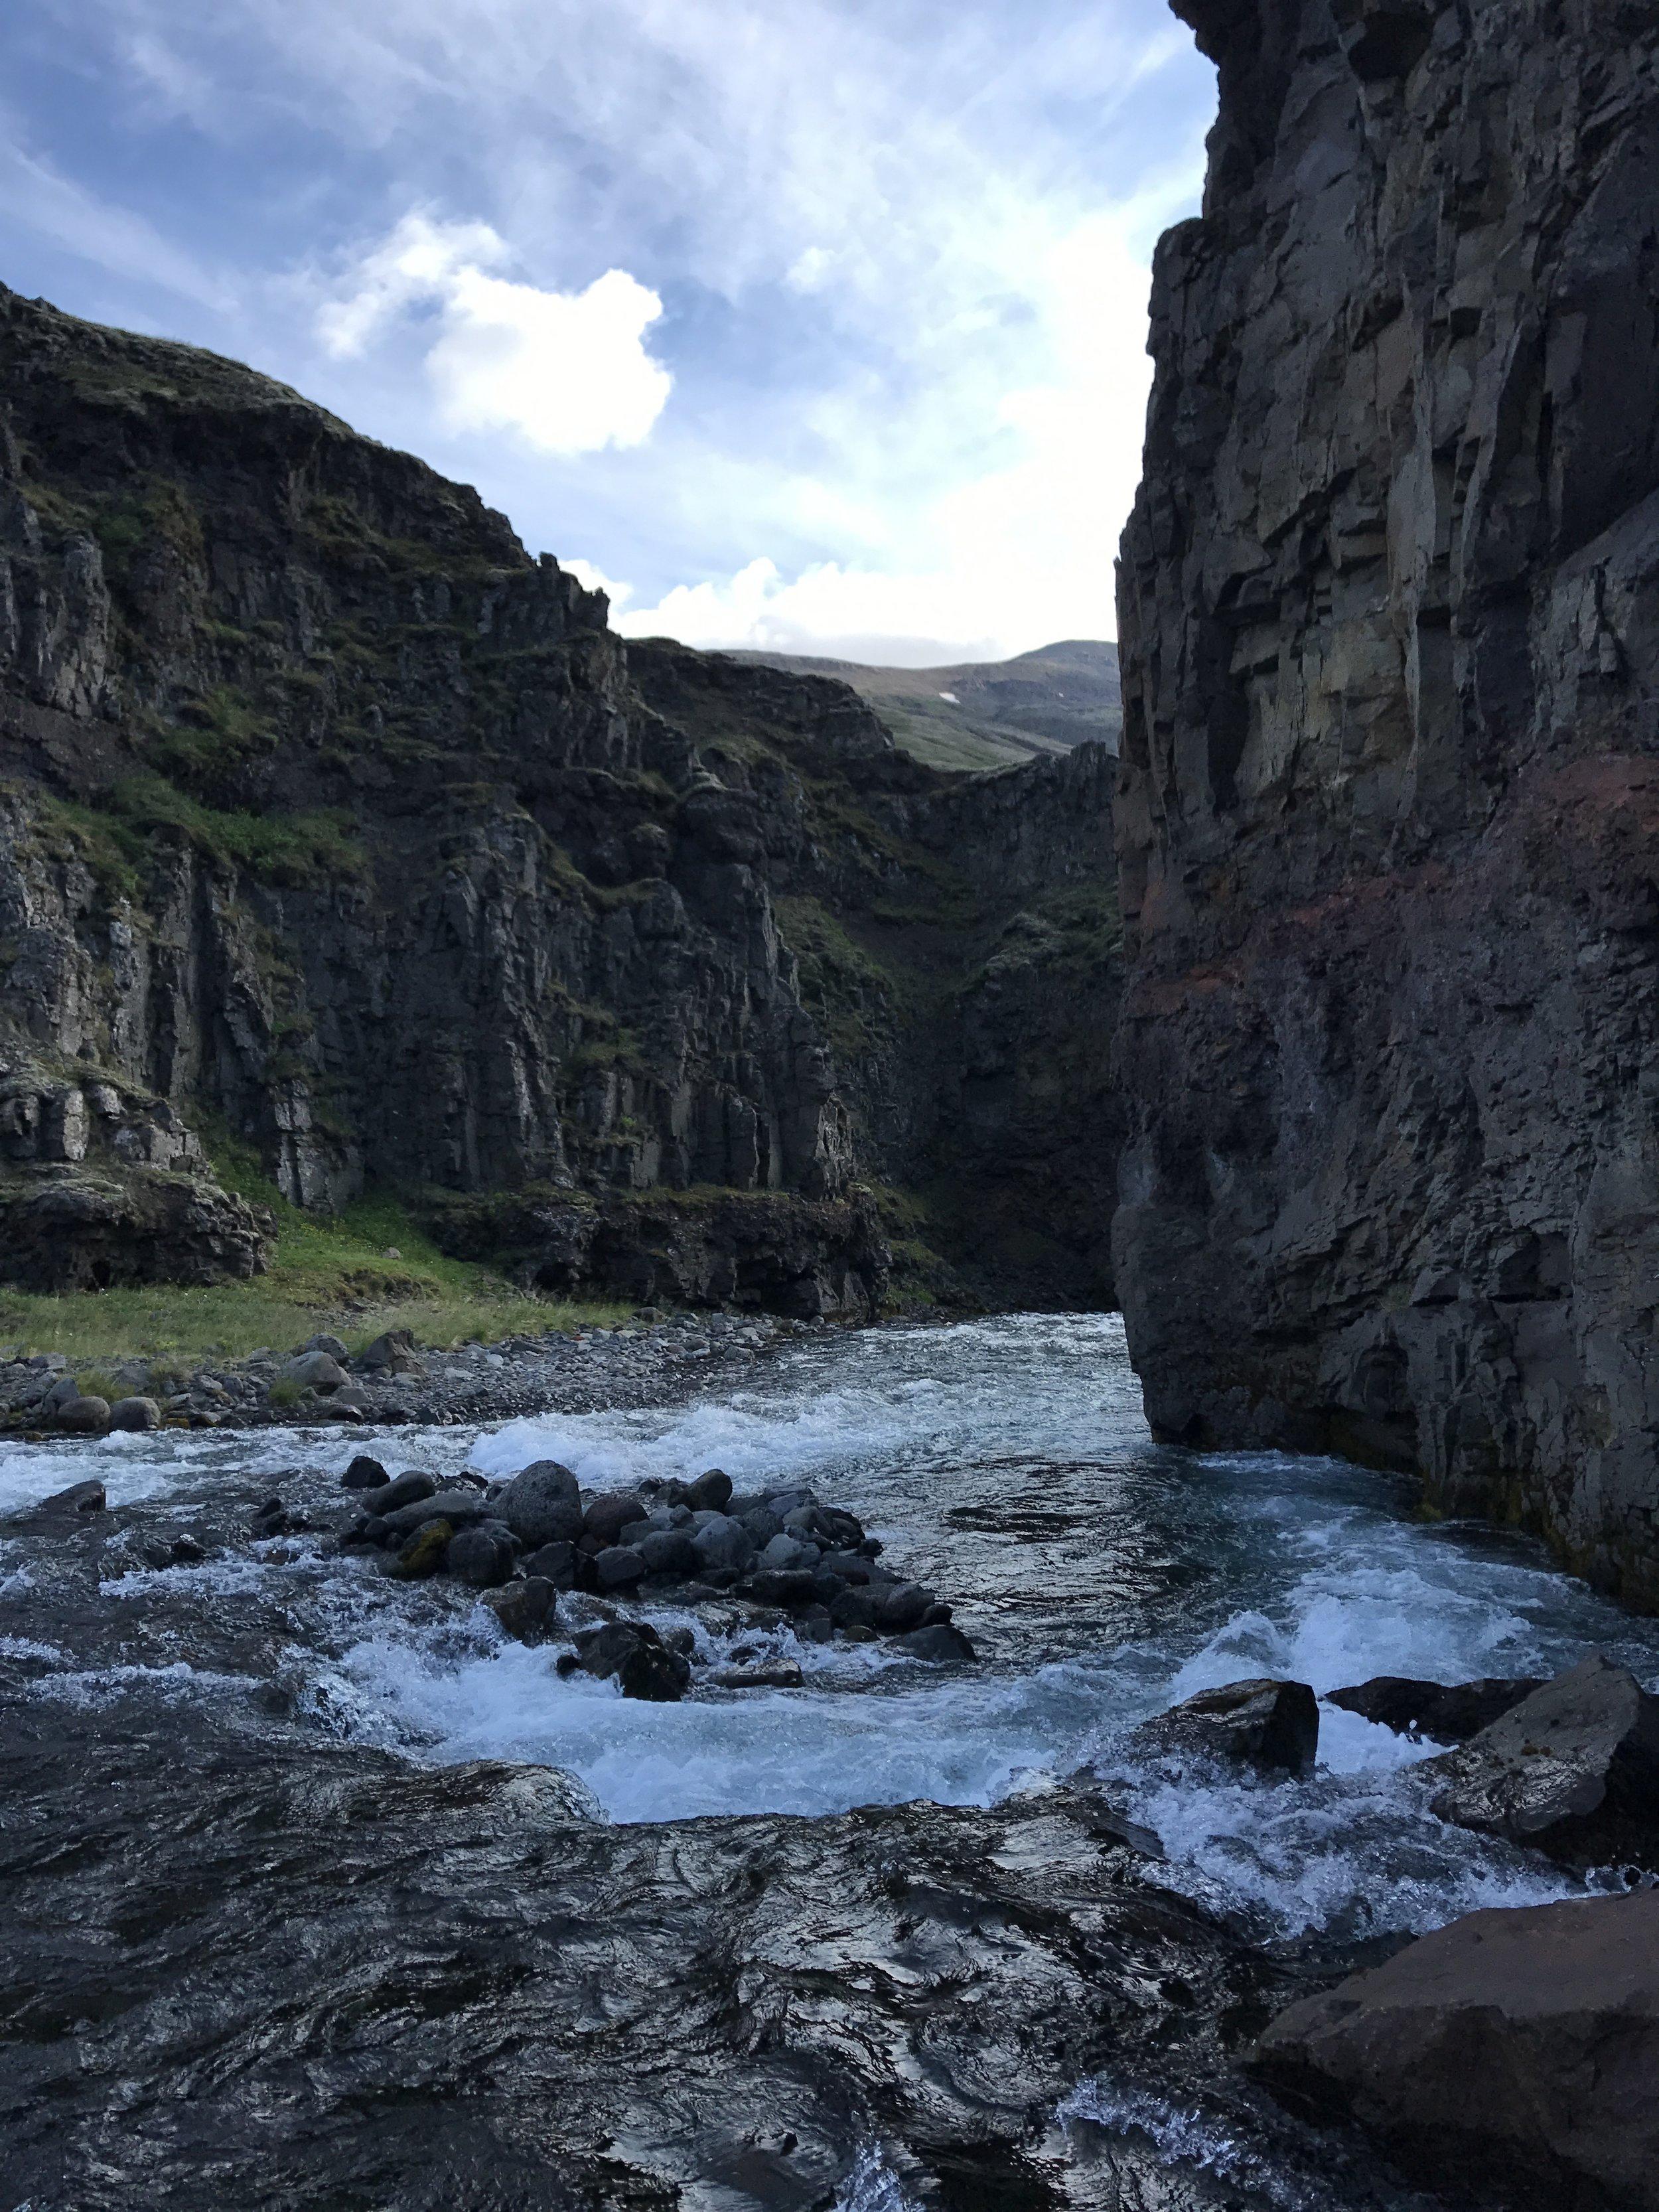 A hidden river through the rock